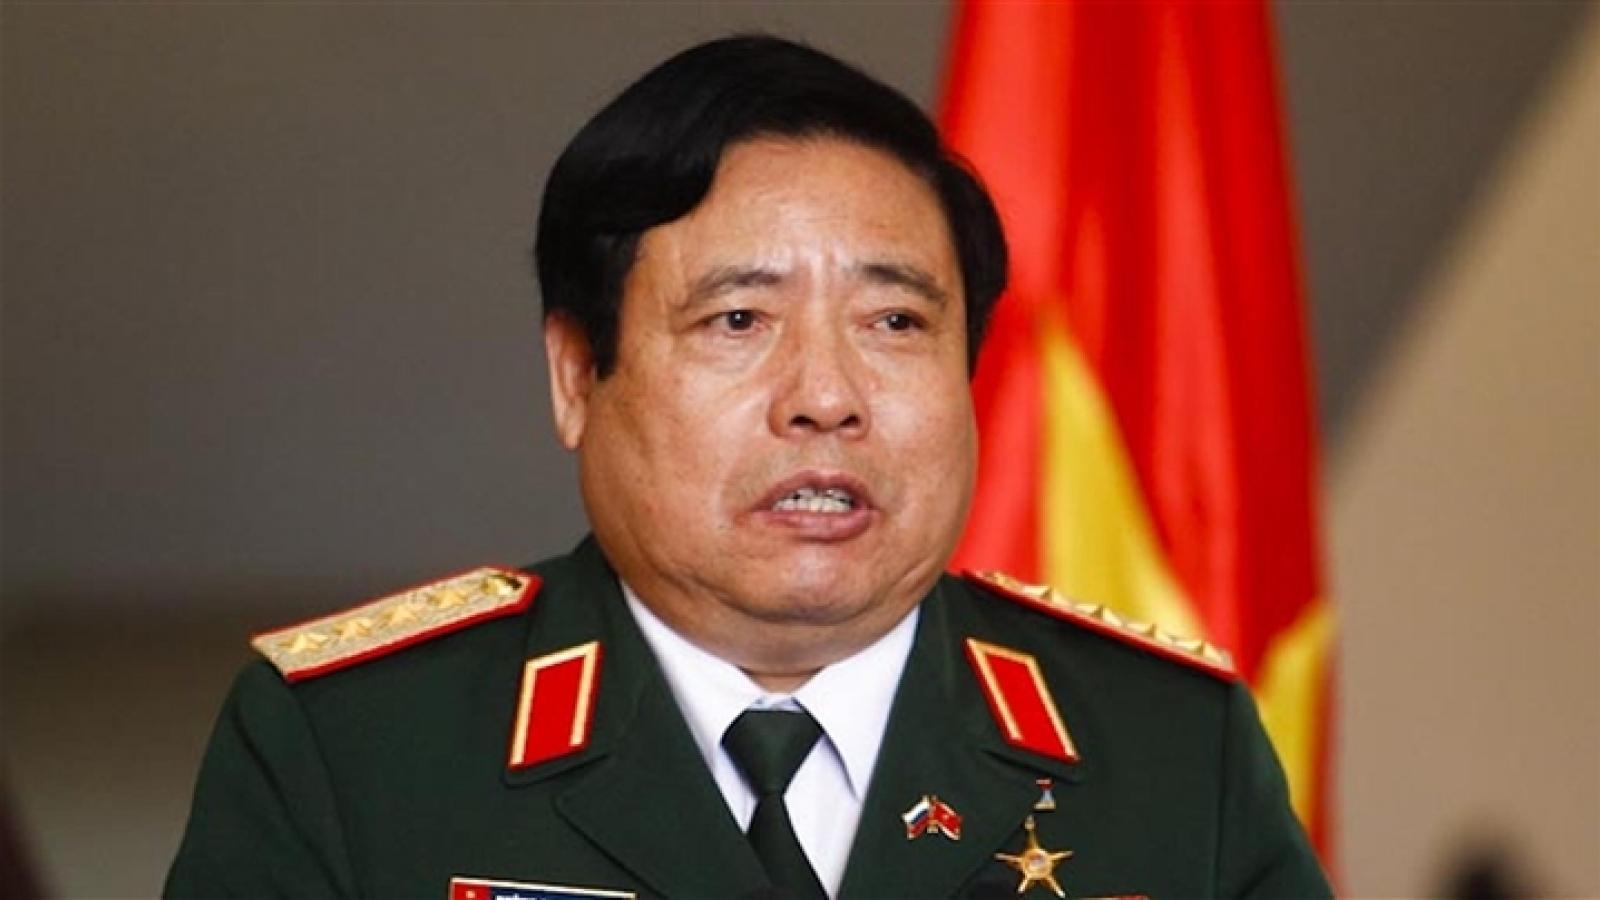 Lễ tang Đại tướng Phùng Quang Thanh được tổ chức với nghi thức cấp Nhà nước